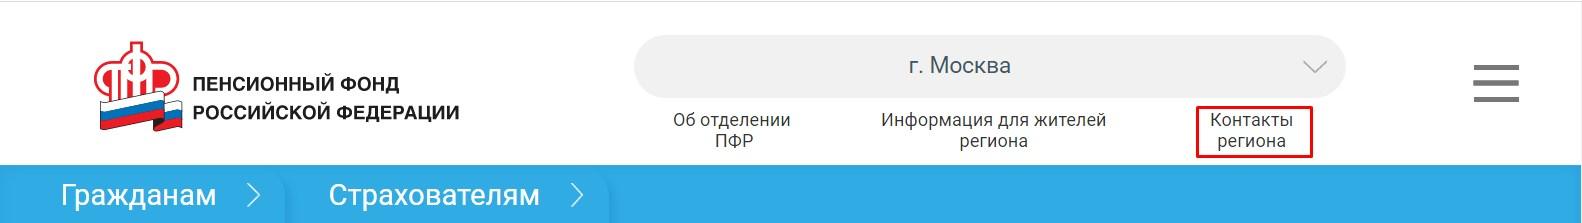 Пенсионный фонд Москва по адресу проживания 13